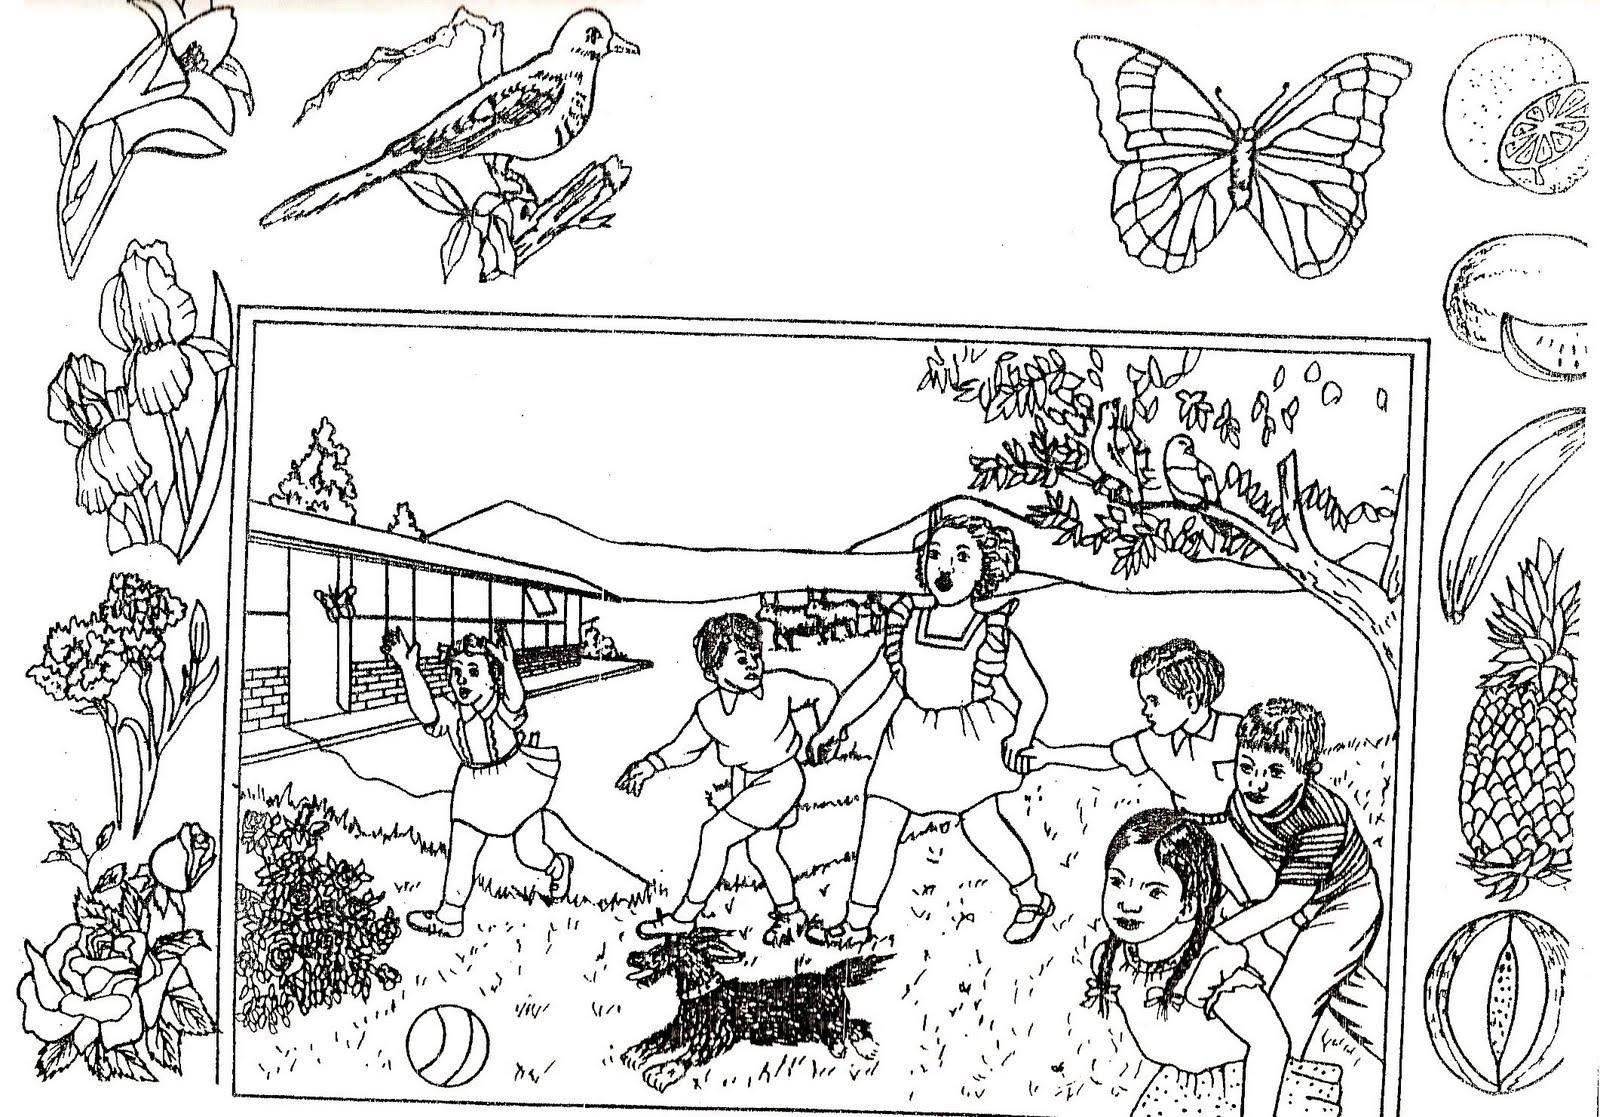 best Dibujos De Paisajes Sobre La Primavera image collection